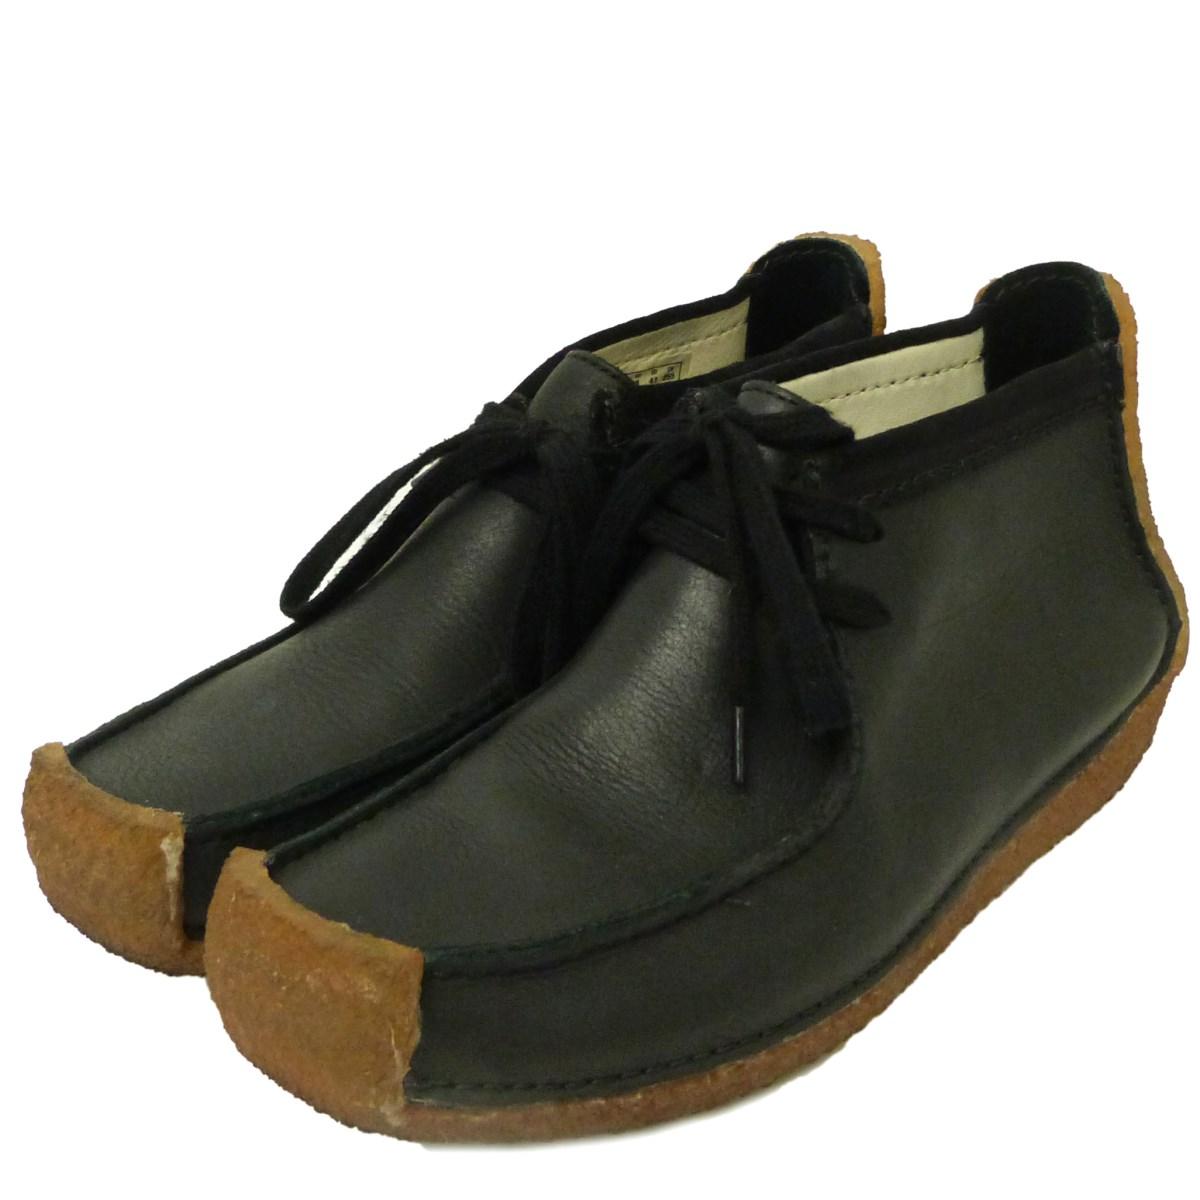 【中古】LEMAIRE × CLARKS ワラビーブーツ ブラック サイズ:7 【161219】(ルメール クラークス)